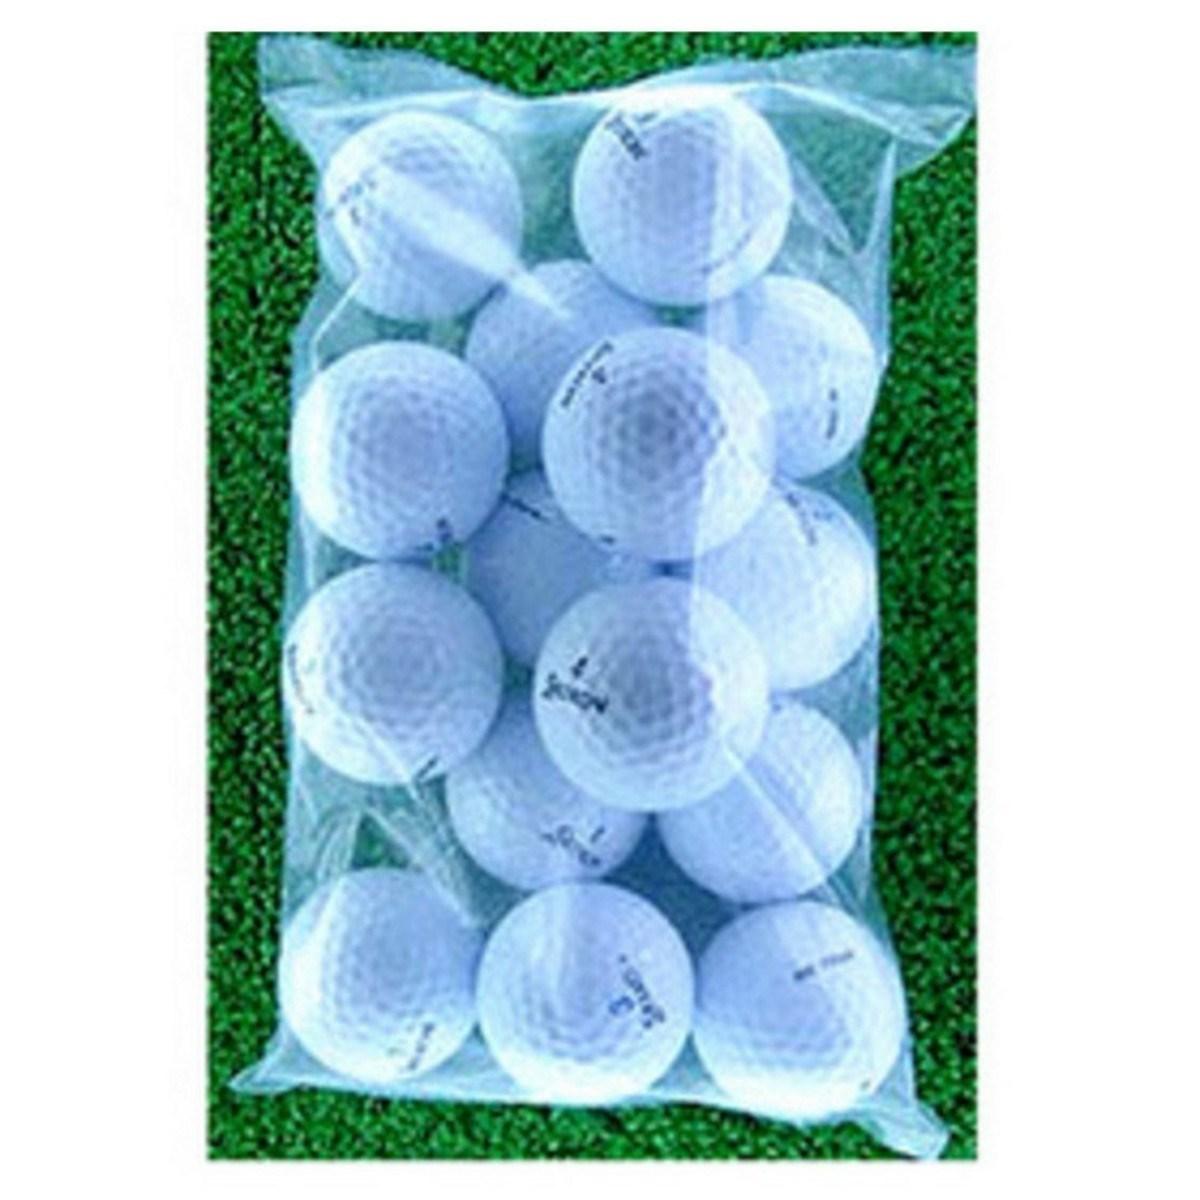 ロストボール メイホウゴルフ ロストボール スリクソン小袋15個入り4パック60個セット